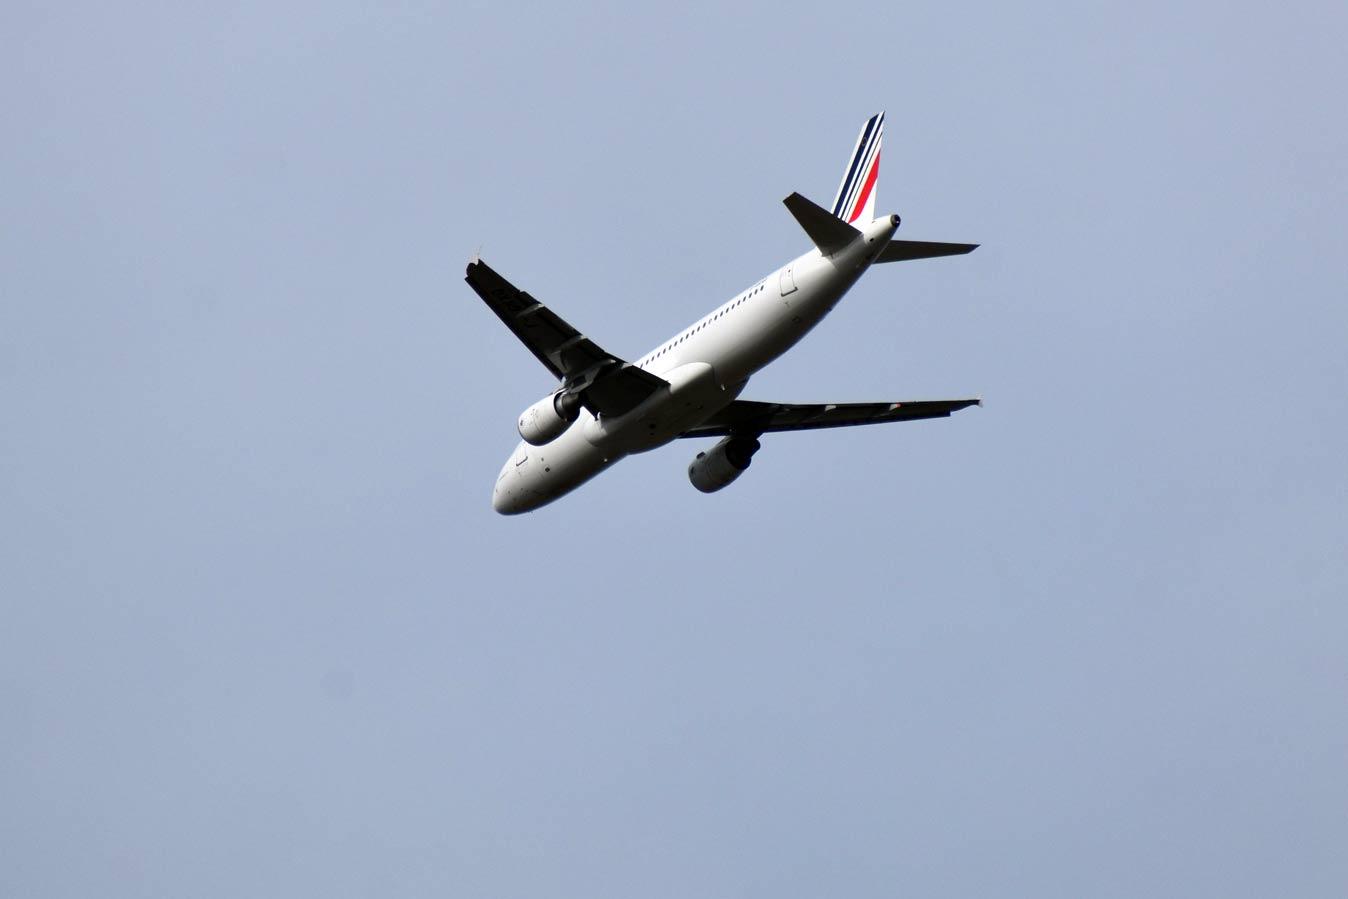 Во Франции хотят запретить короткие авиаперелеты, чтобы уменьшить загрязнение воздуха